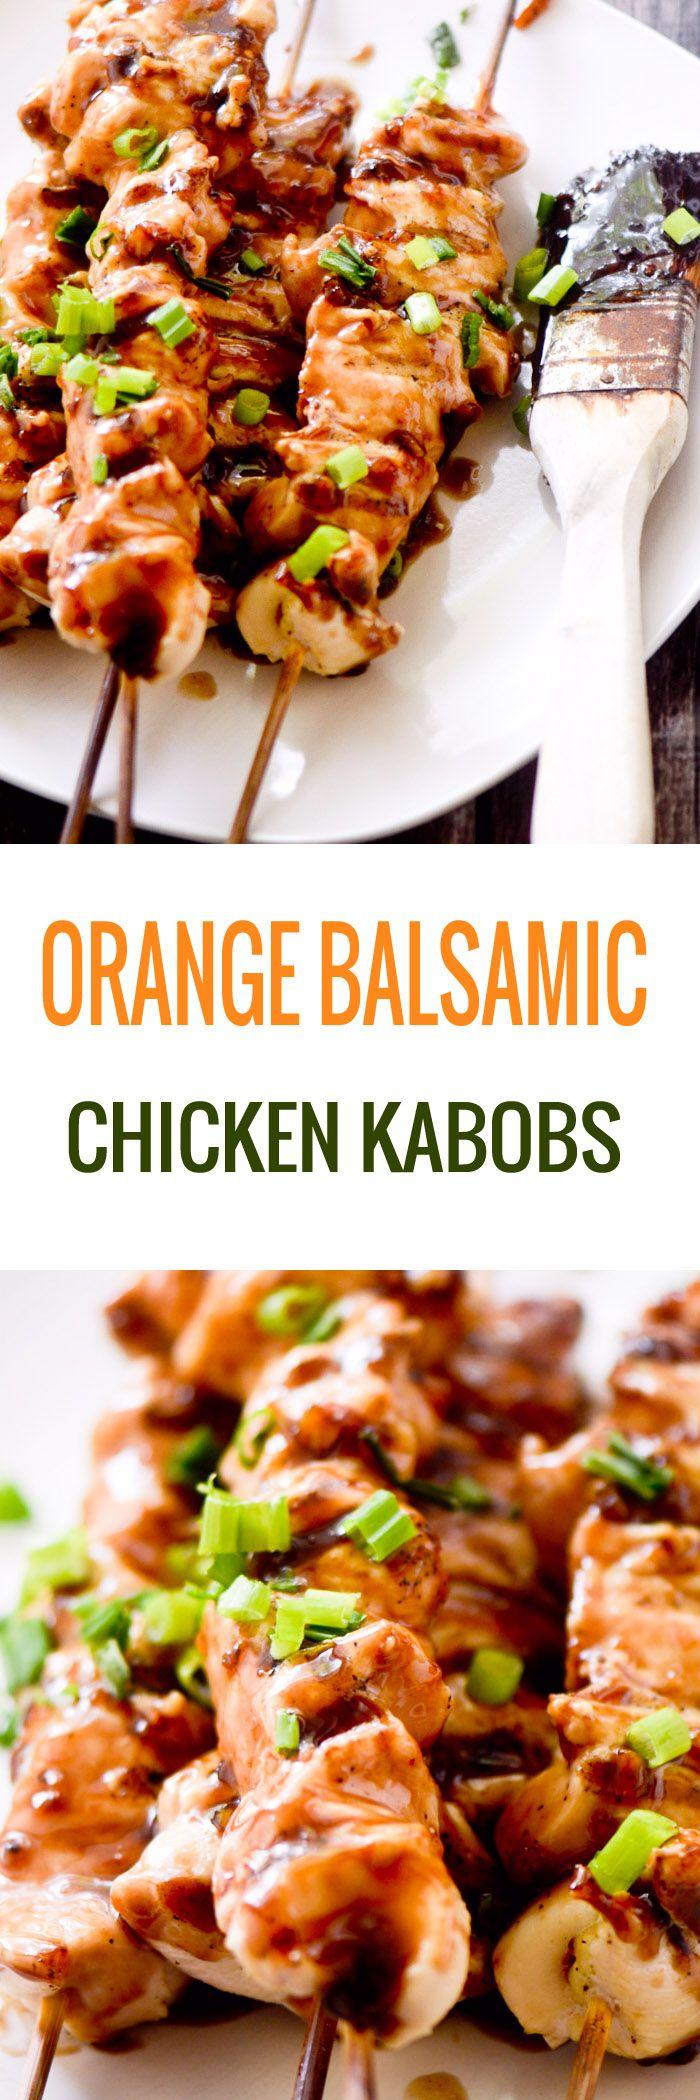 Orange Balsamic Chicken Kabobs - Recipe Diaries